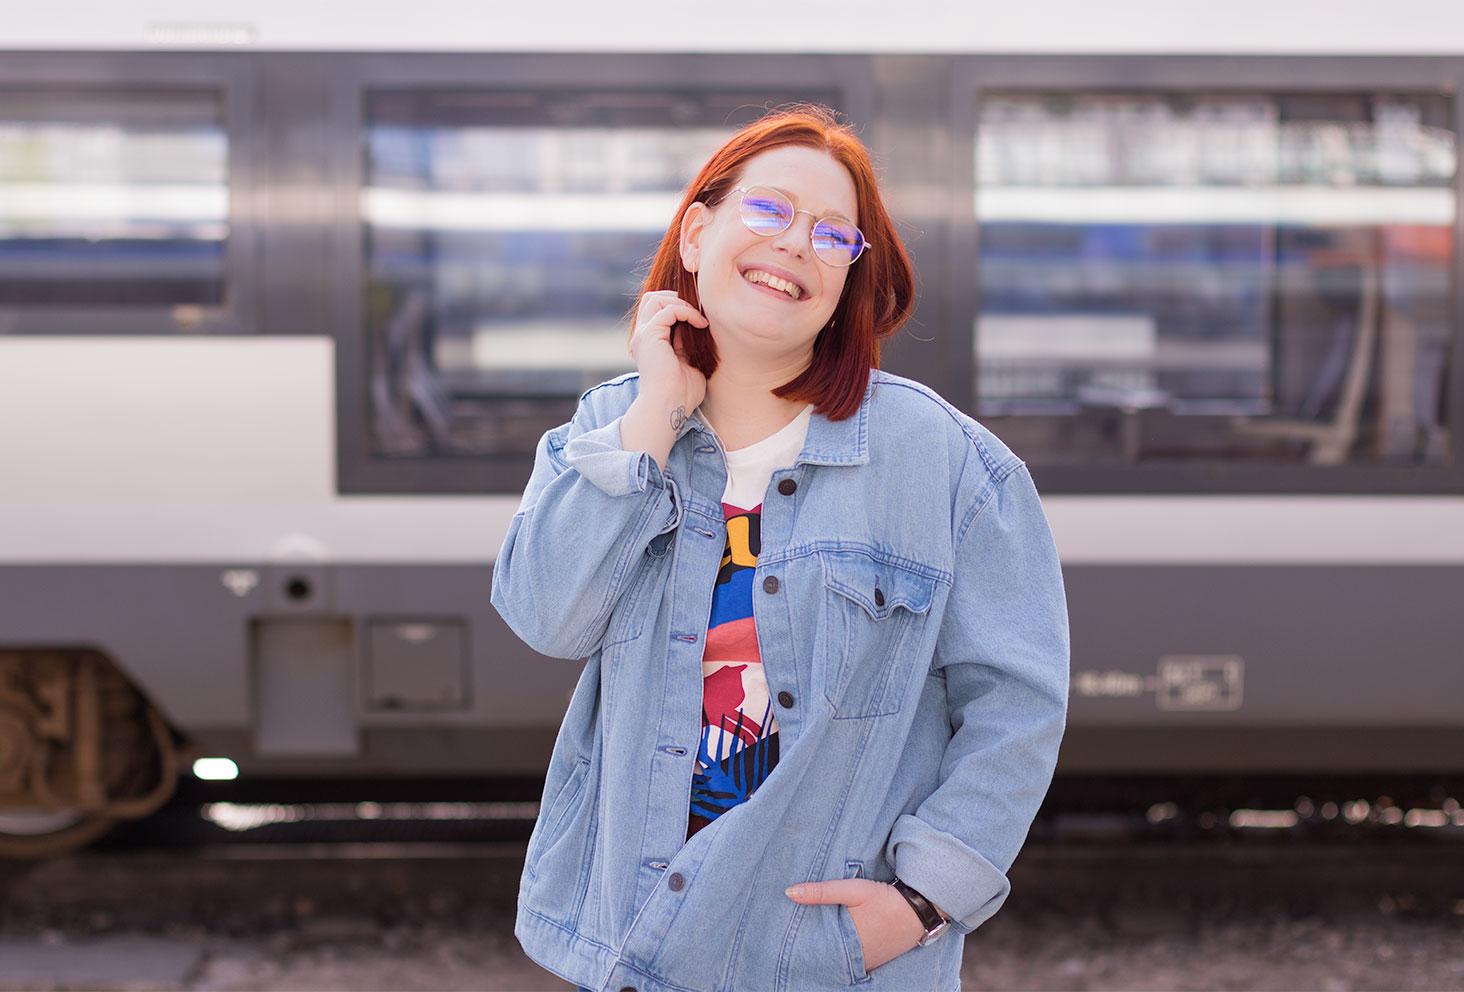 Devant un train, la main dans les cheveux avec le sourire, en veste loose en jean Kiabi